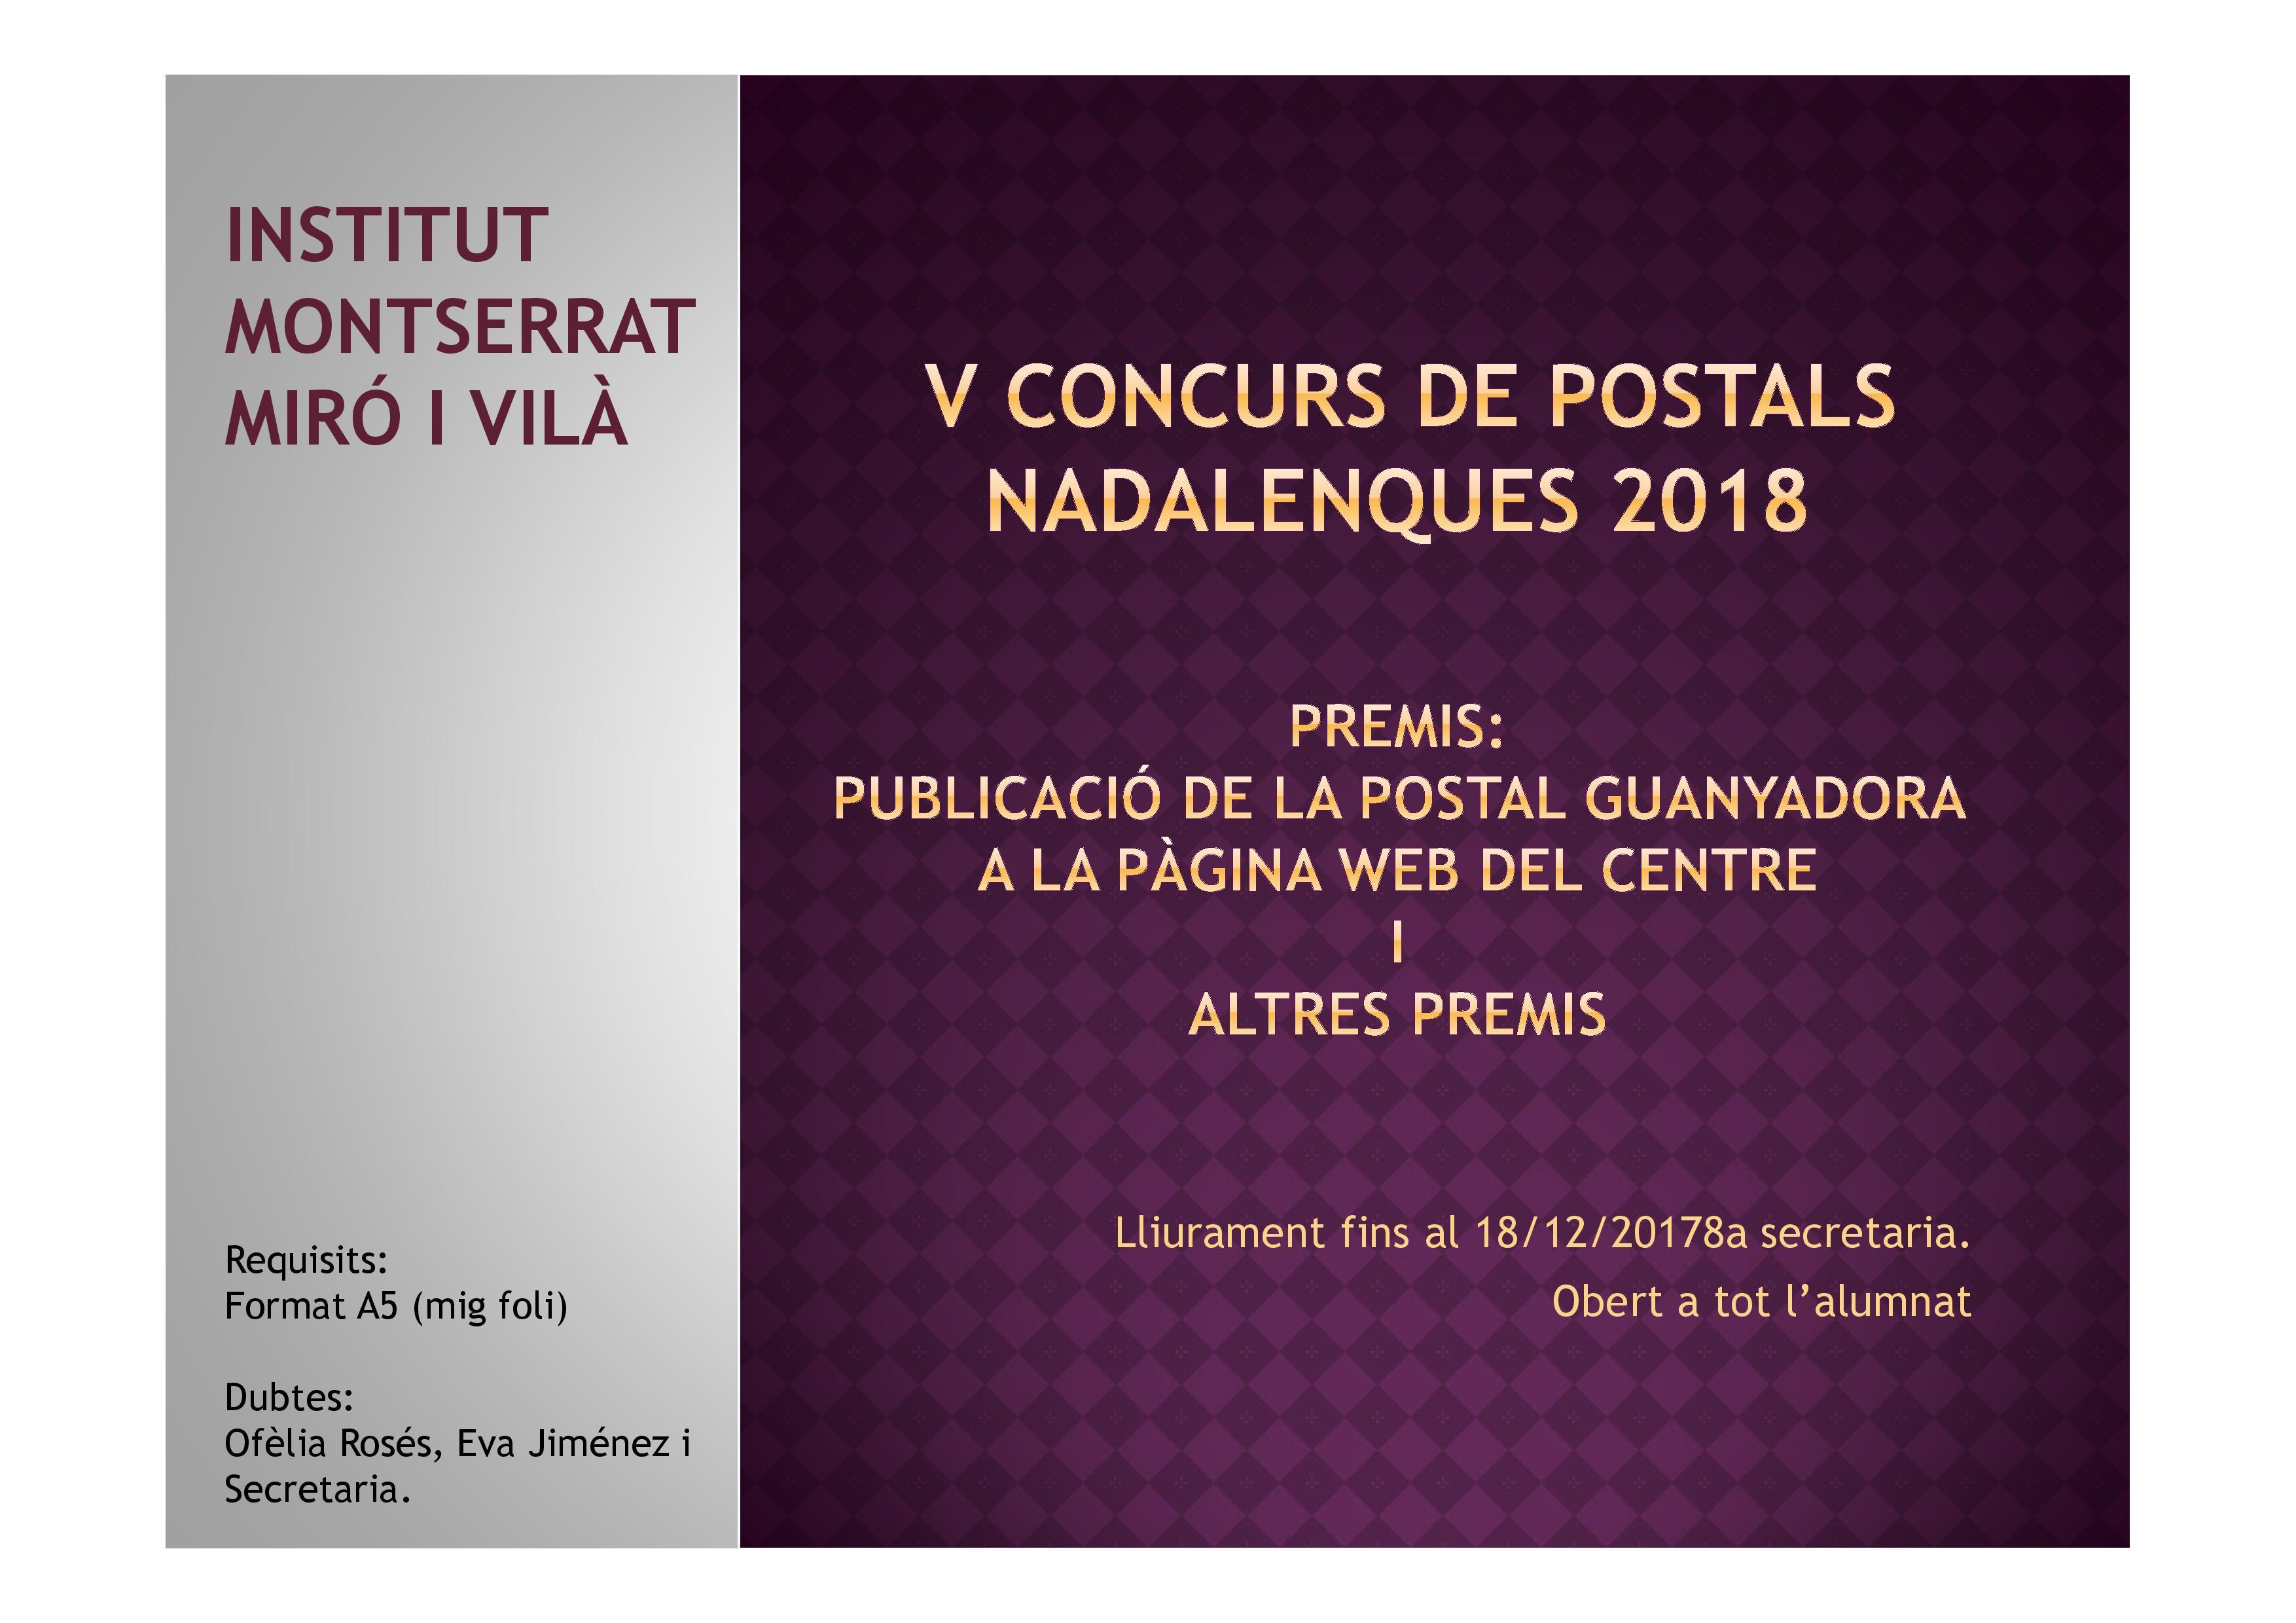 Concurs de postals nadalenques 2018